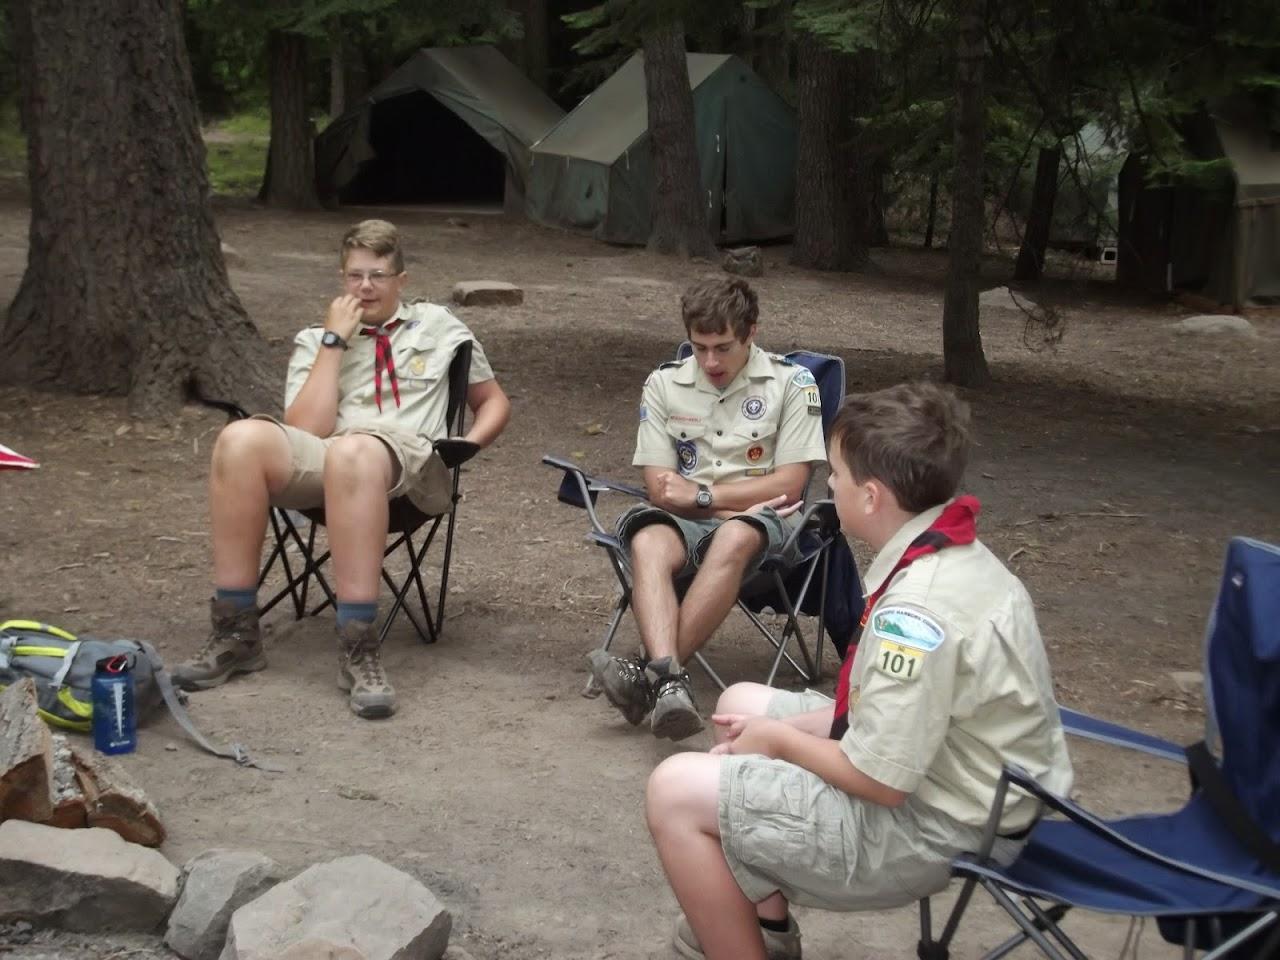 Camp Baldwin 2014 - DSCF3580.JPG